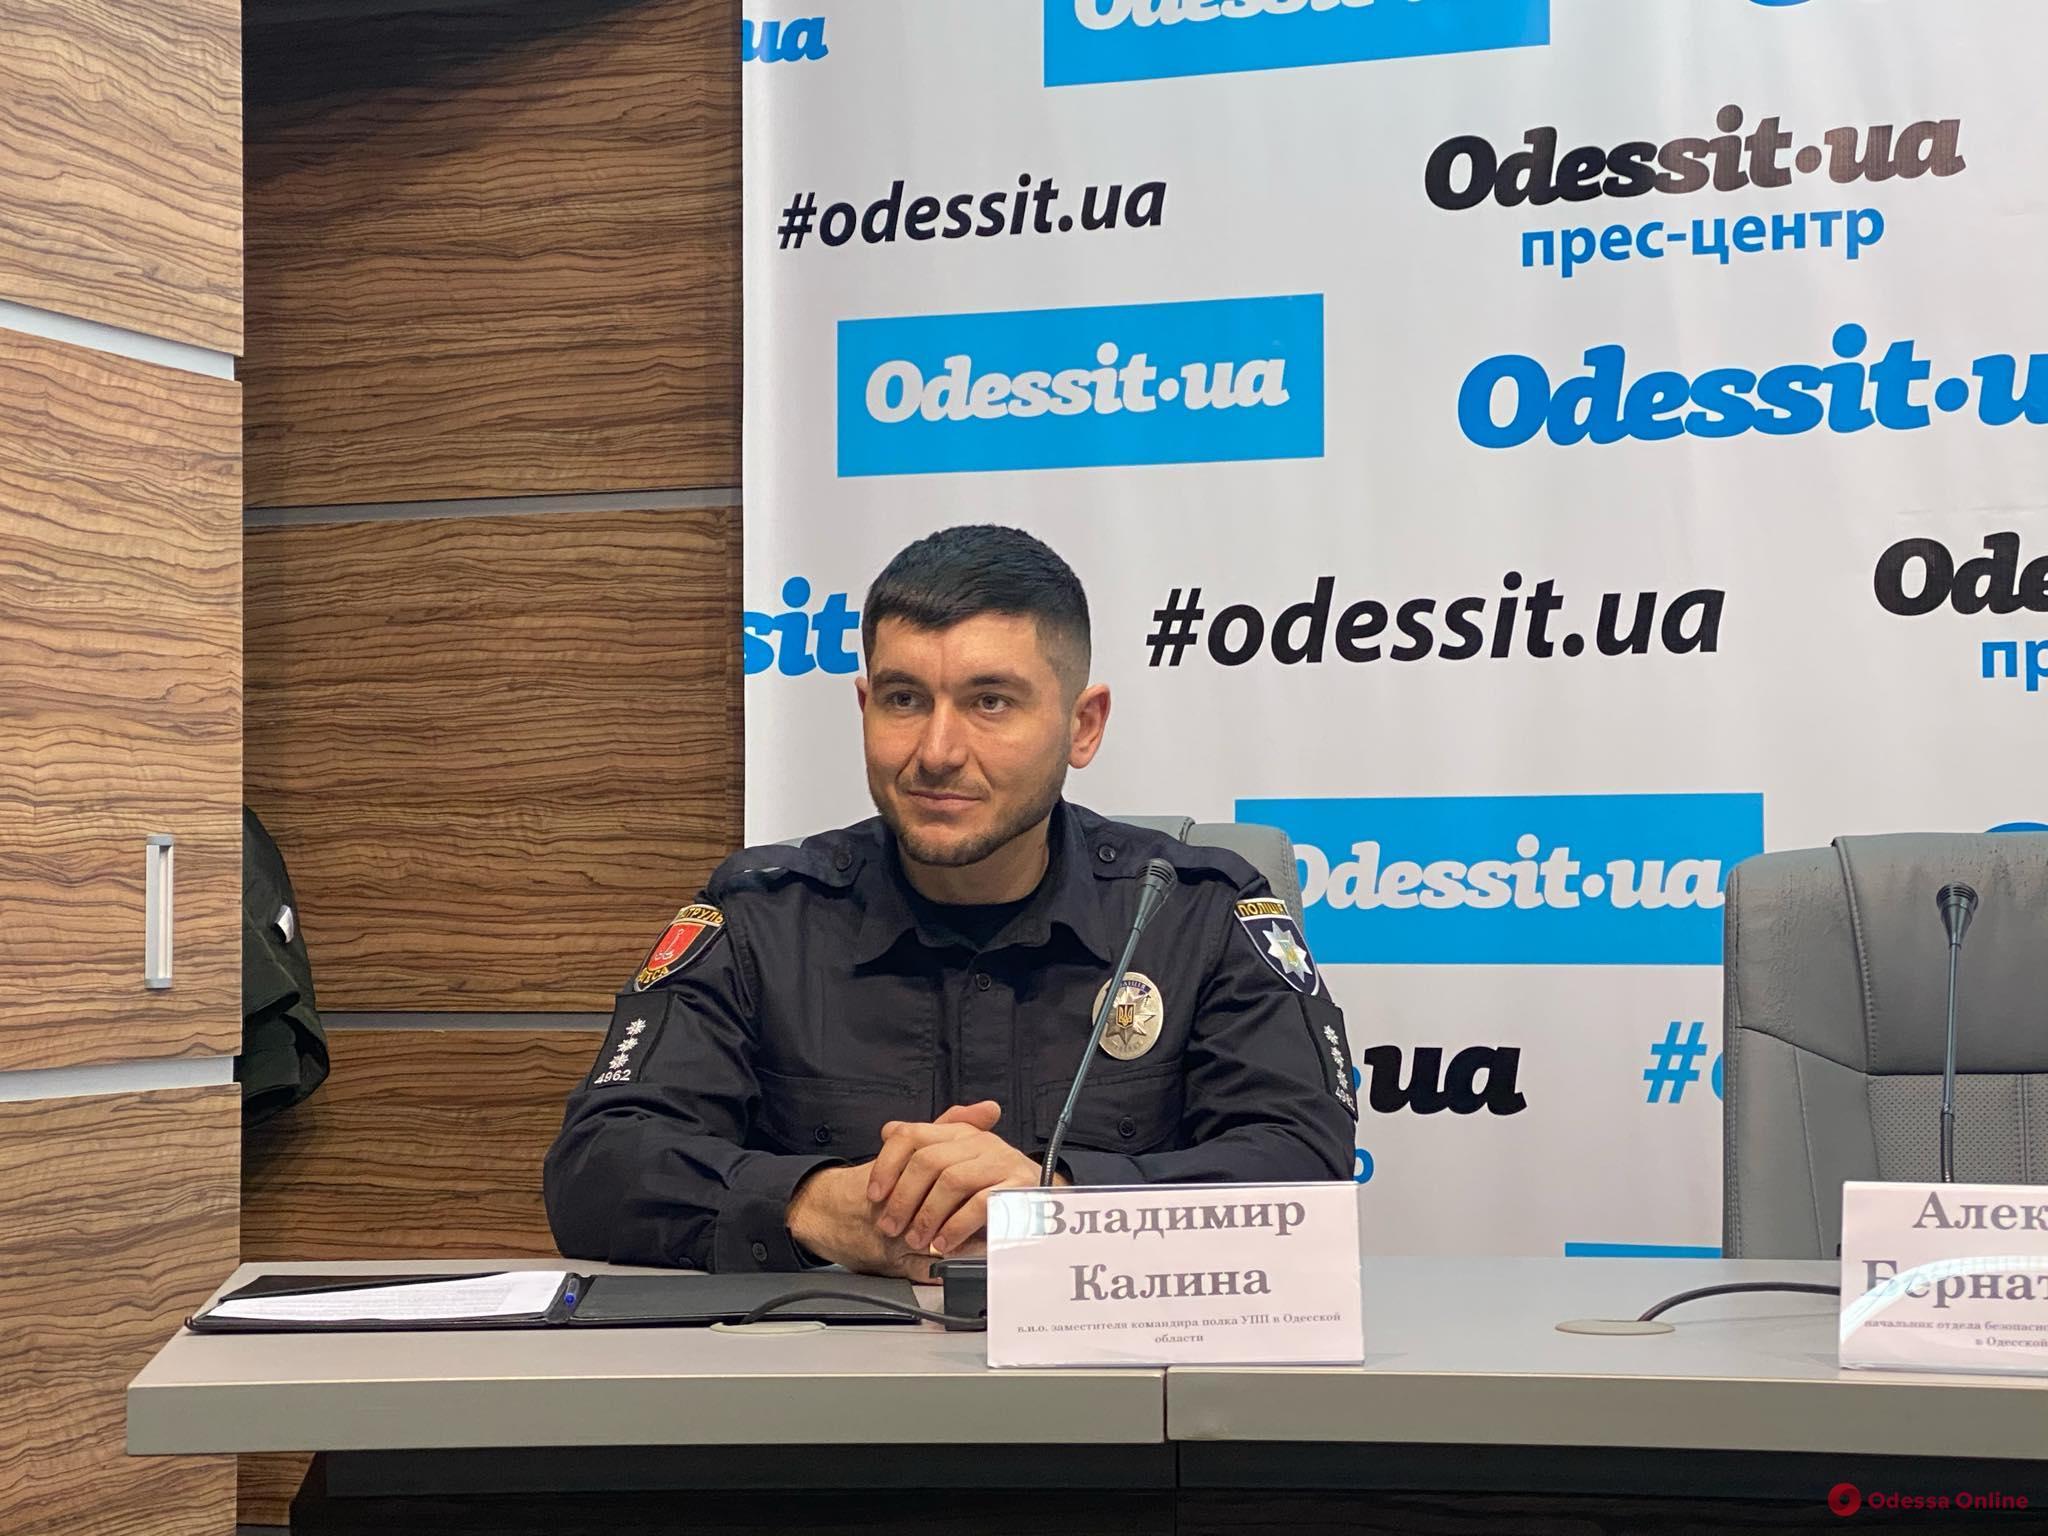 В праздничные дни одесские патрульные будут работать в усиленном режиме